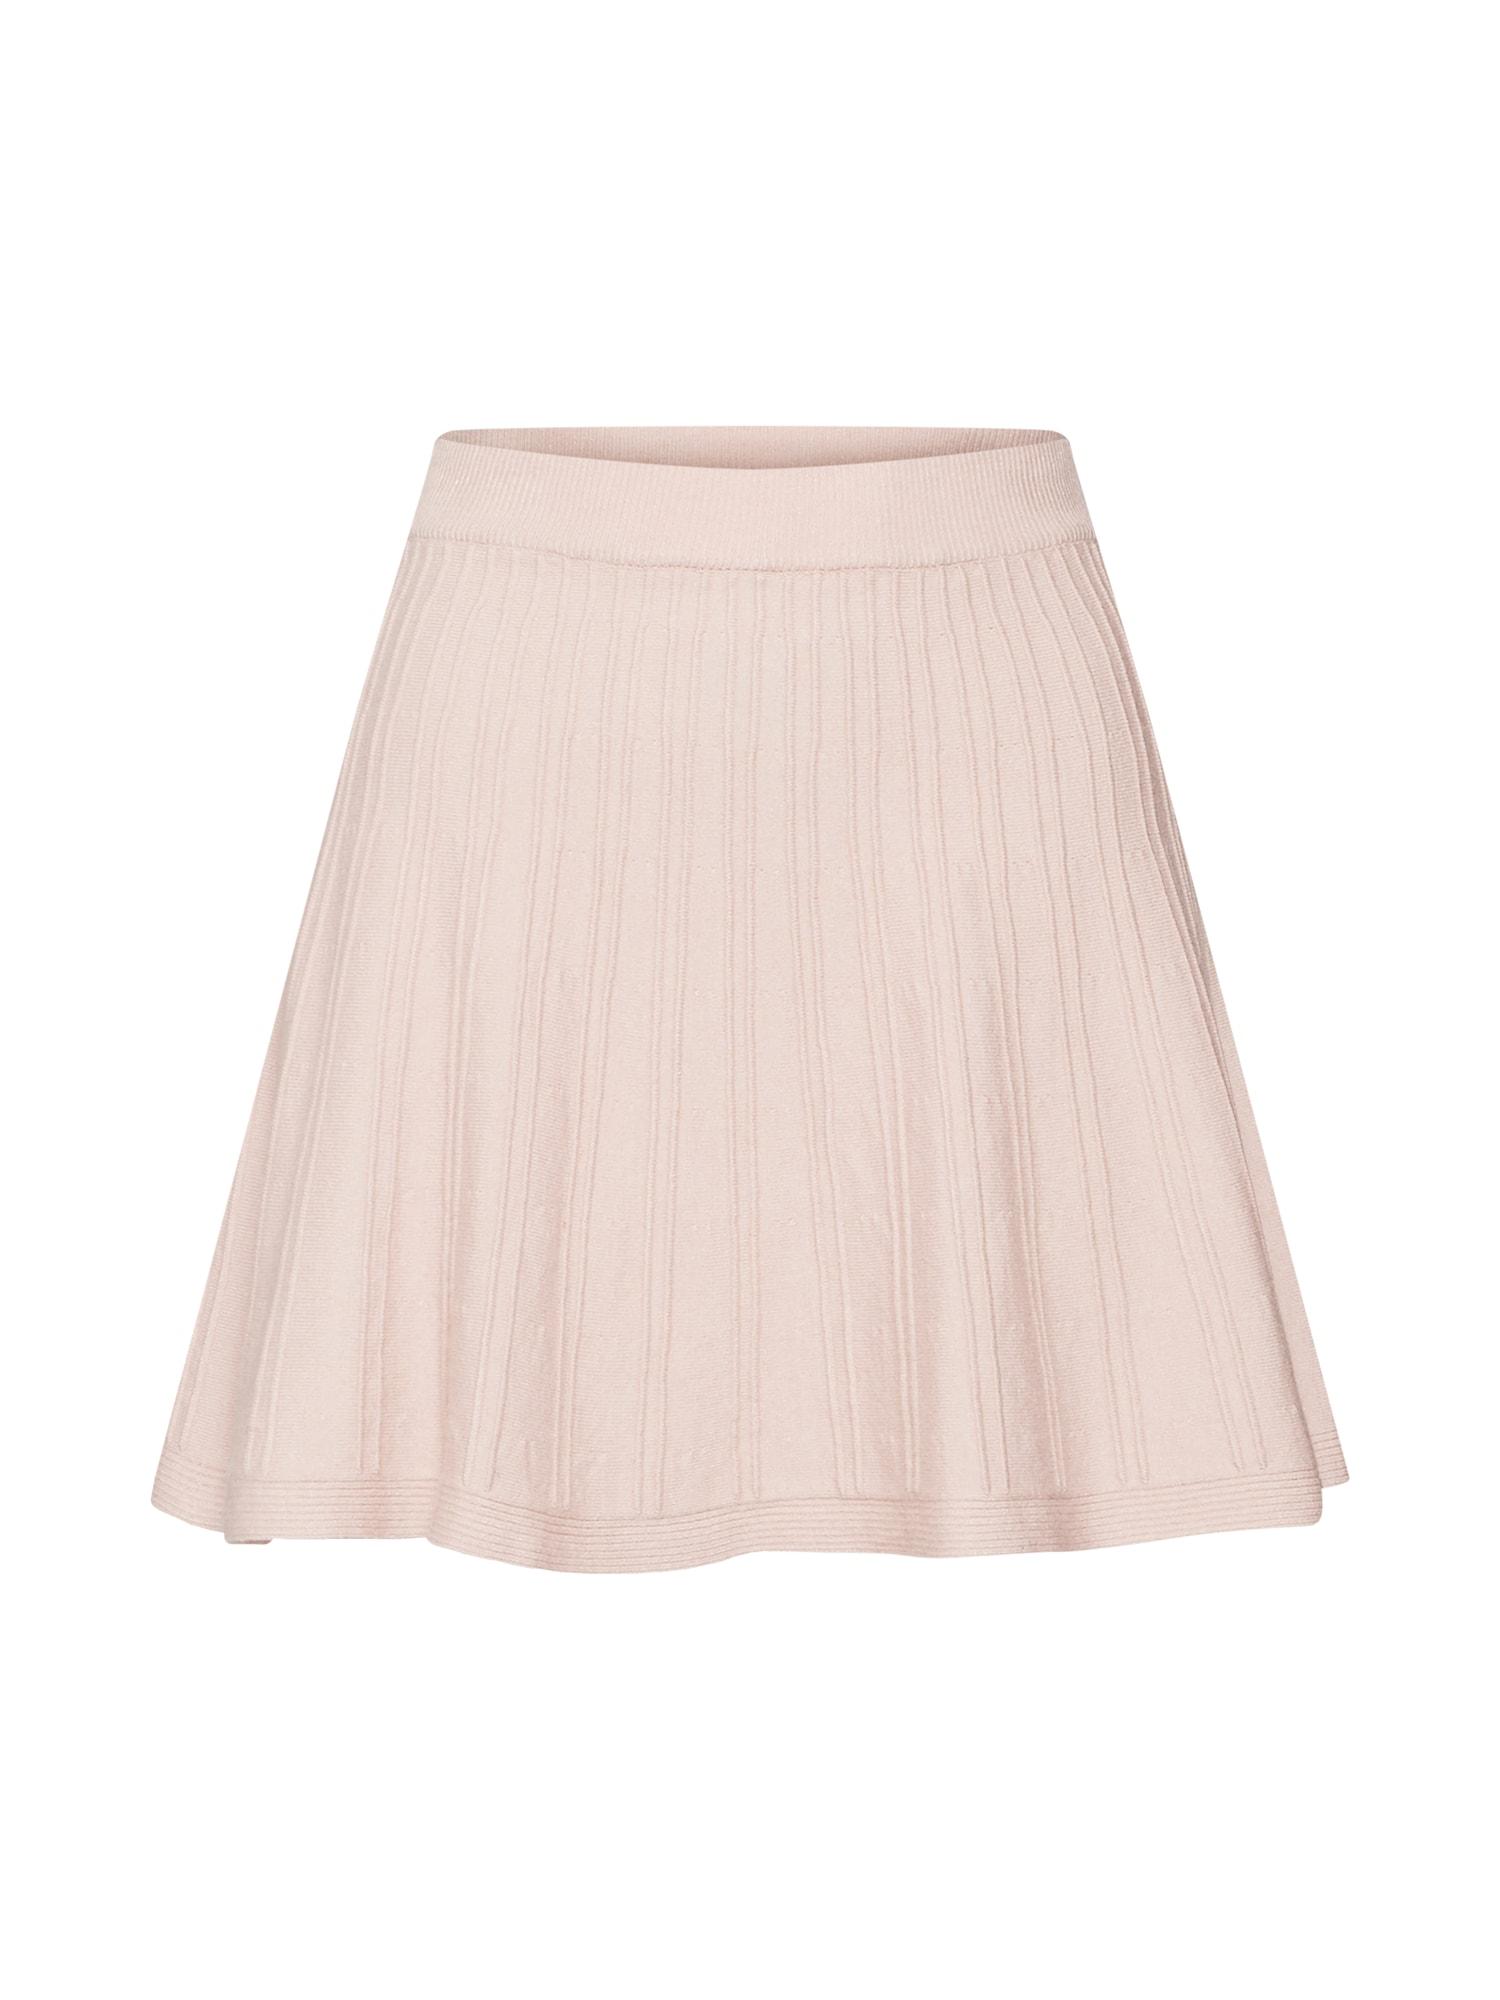 Sukně Flipside Skirt tělová Parallel Lines